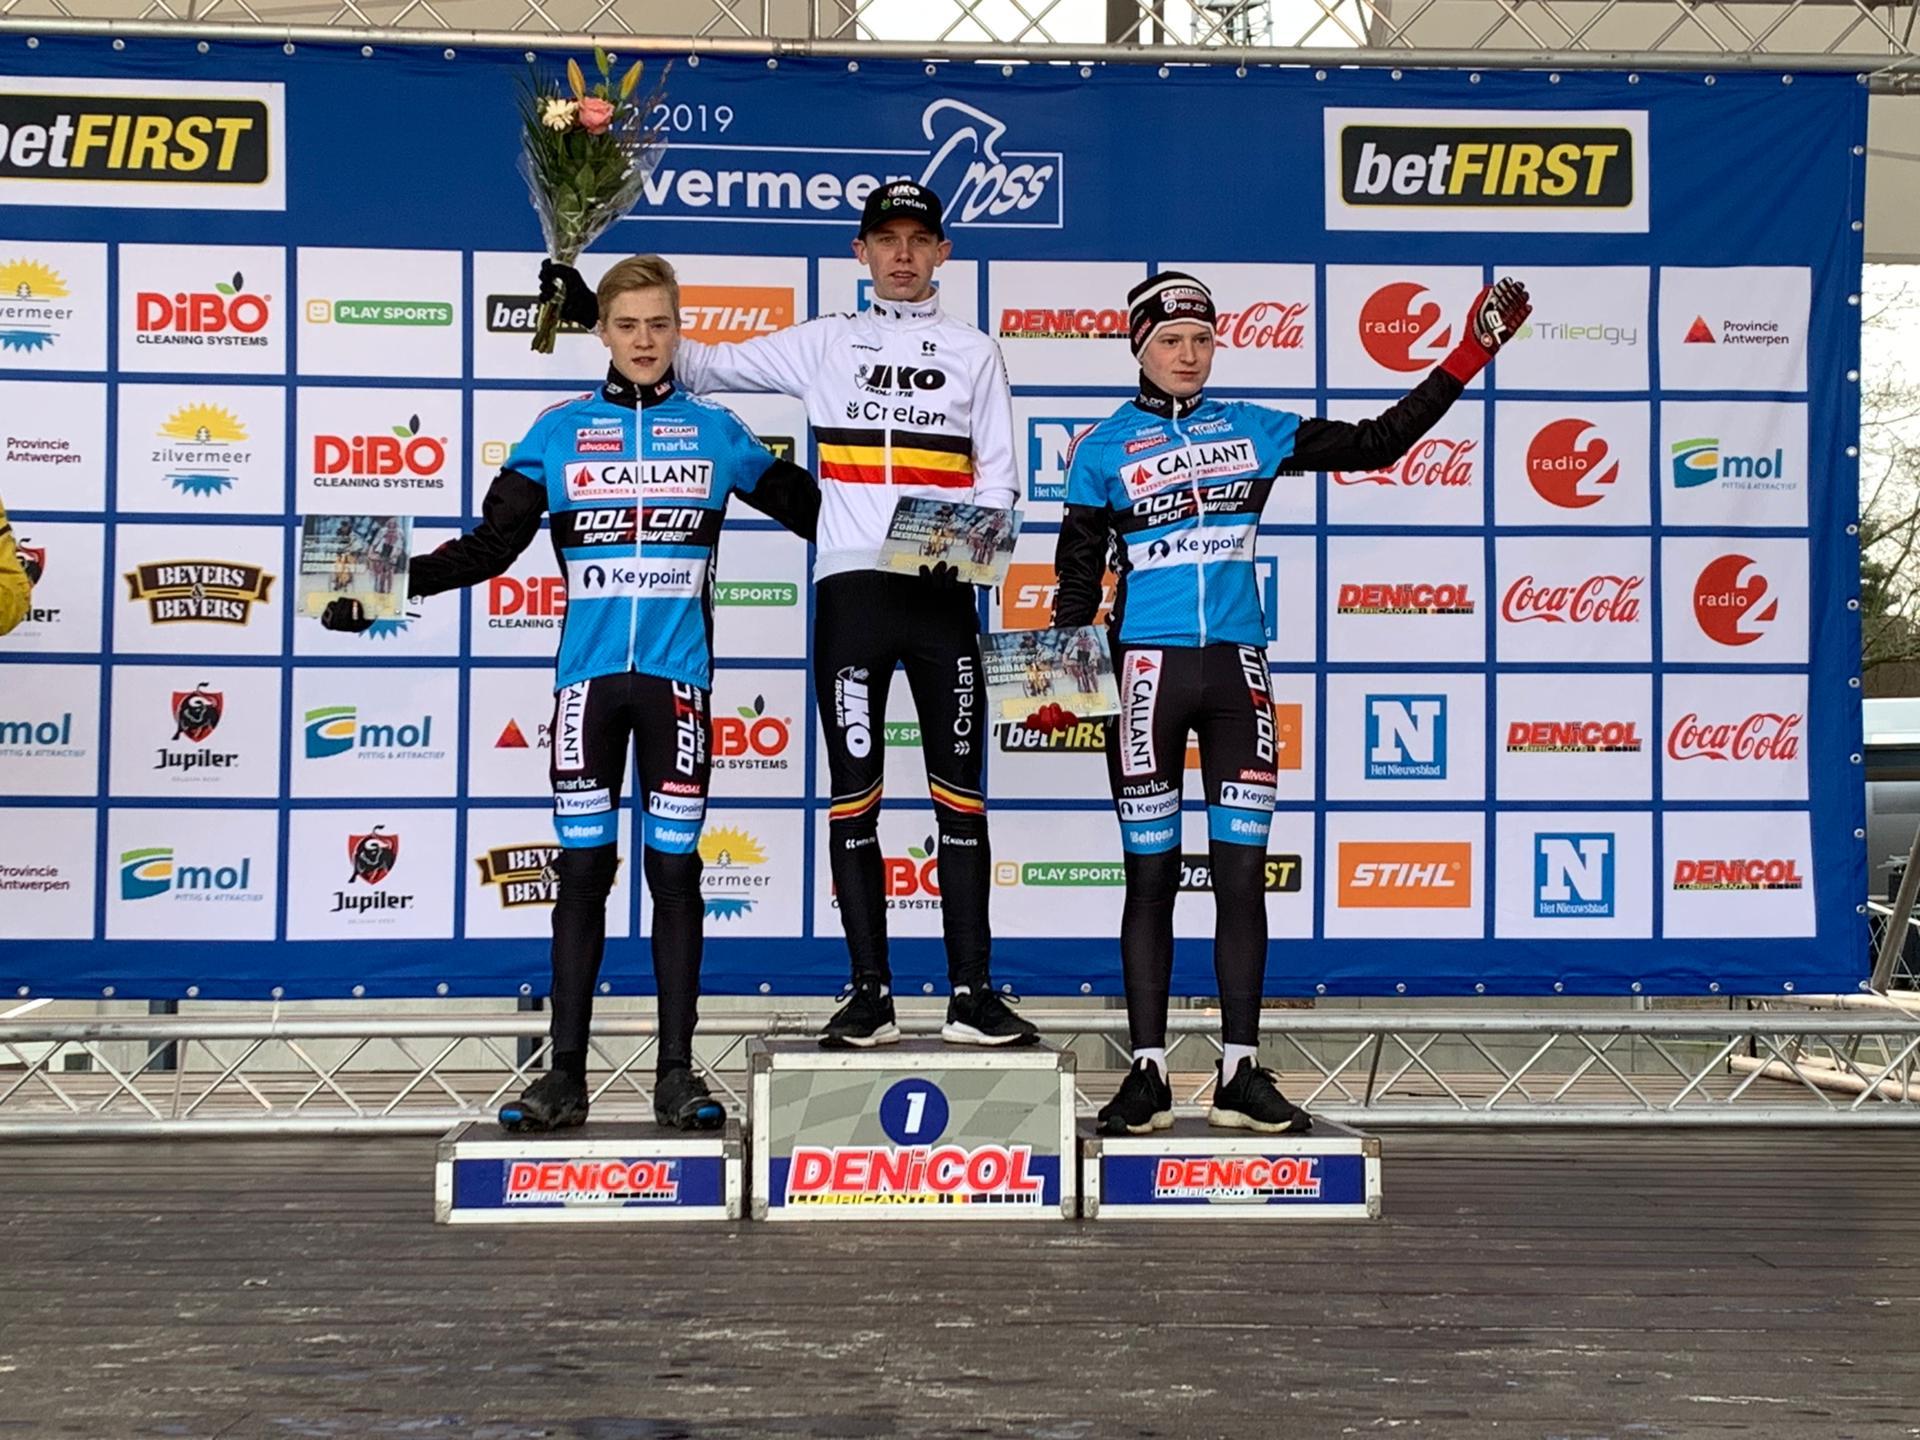 IKO-Crelan jeugd domineert Zilvermeercross, Emma wint in Flemalle